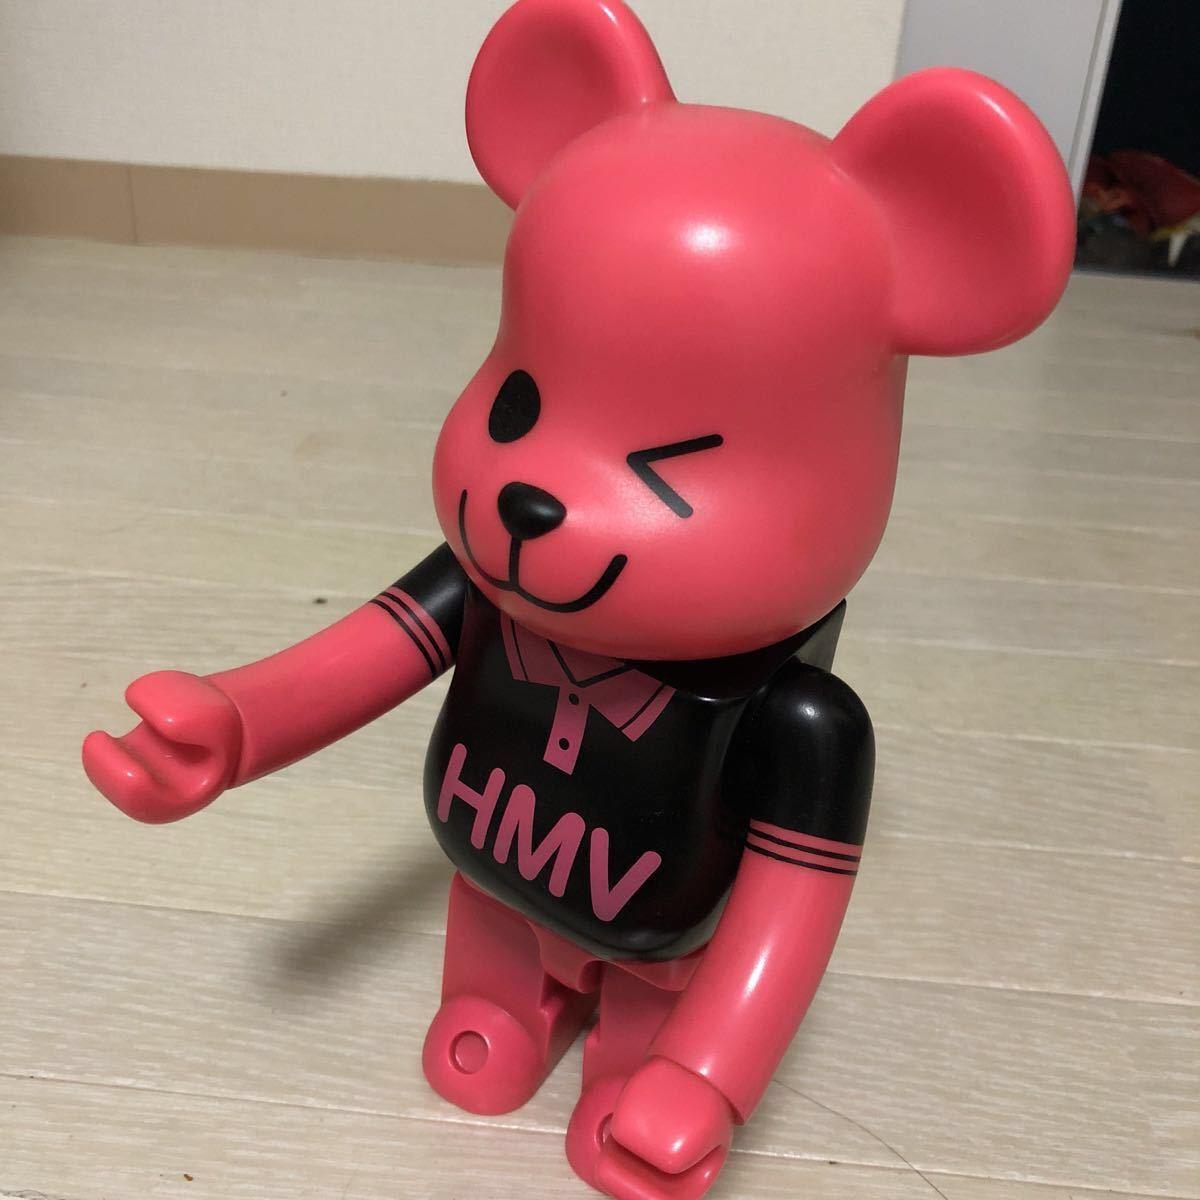 ベアブリック HMV ピンク クマ 限定 コレクション フィギア